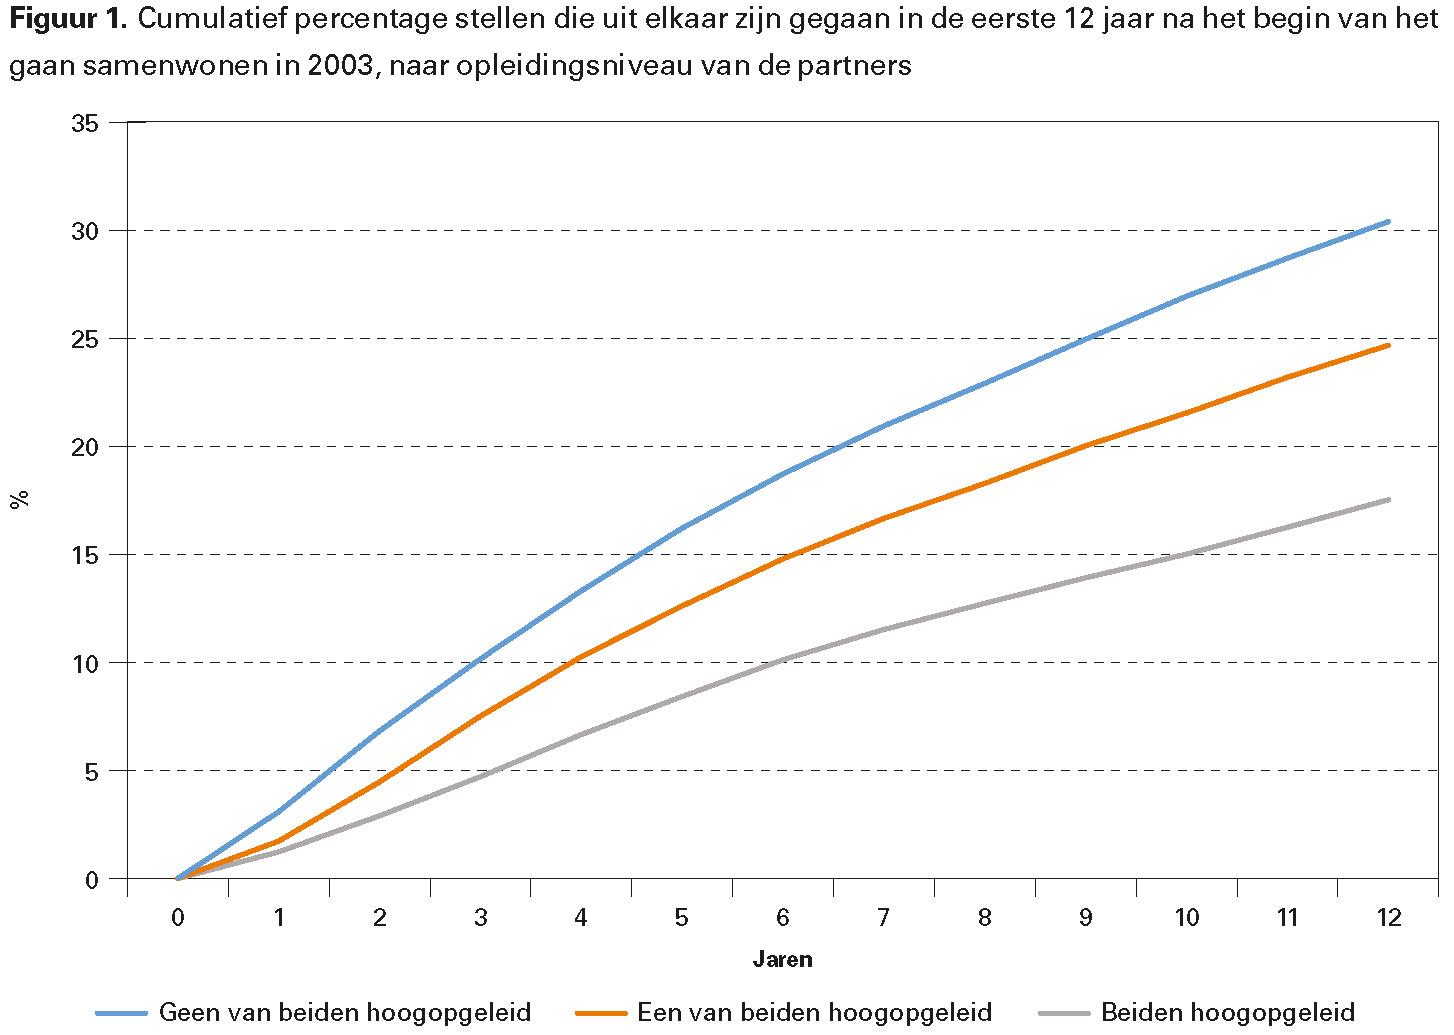 Figuur 1. Cumulatief percentage stellen die uit elkaar zijn gegaan in de eerste 12 jaar na het begin van het gaan samenwonen in 2003, naar opleidingsniveau van de partners